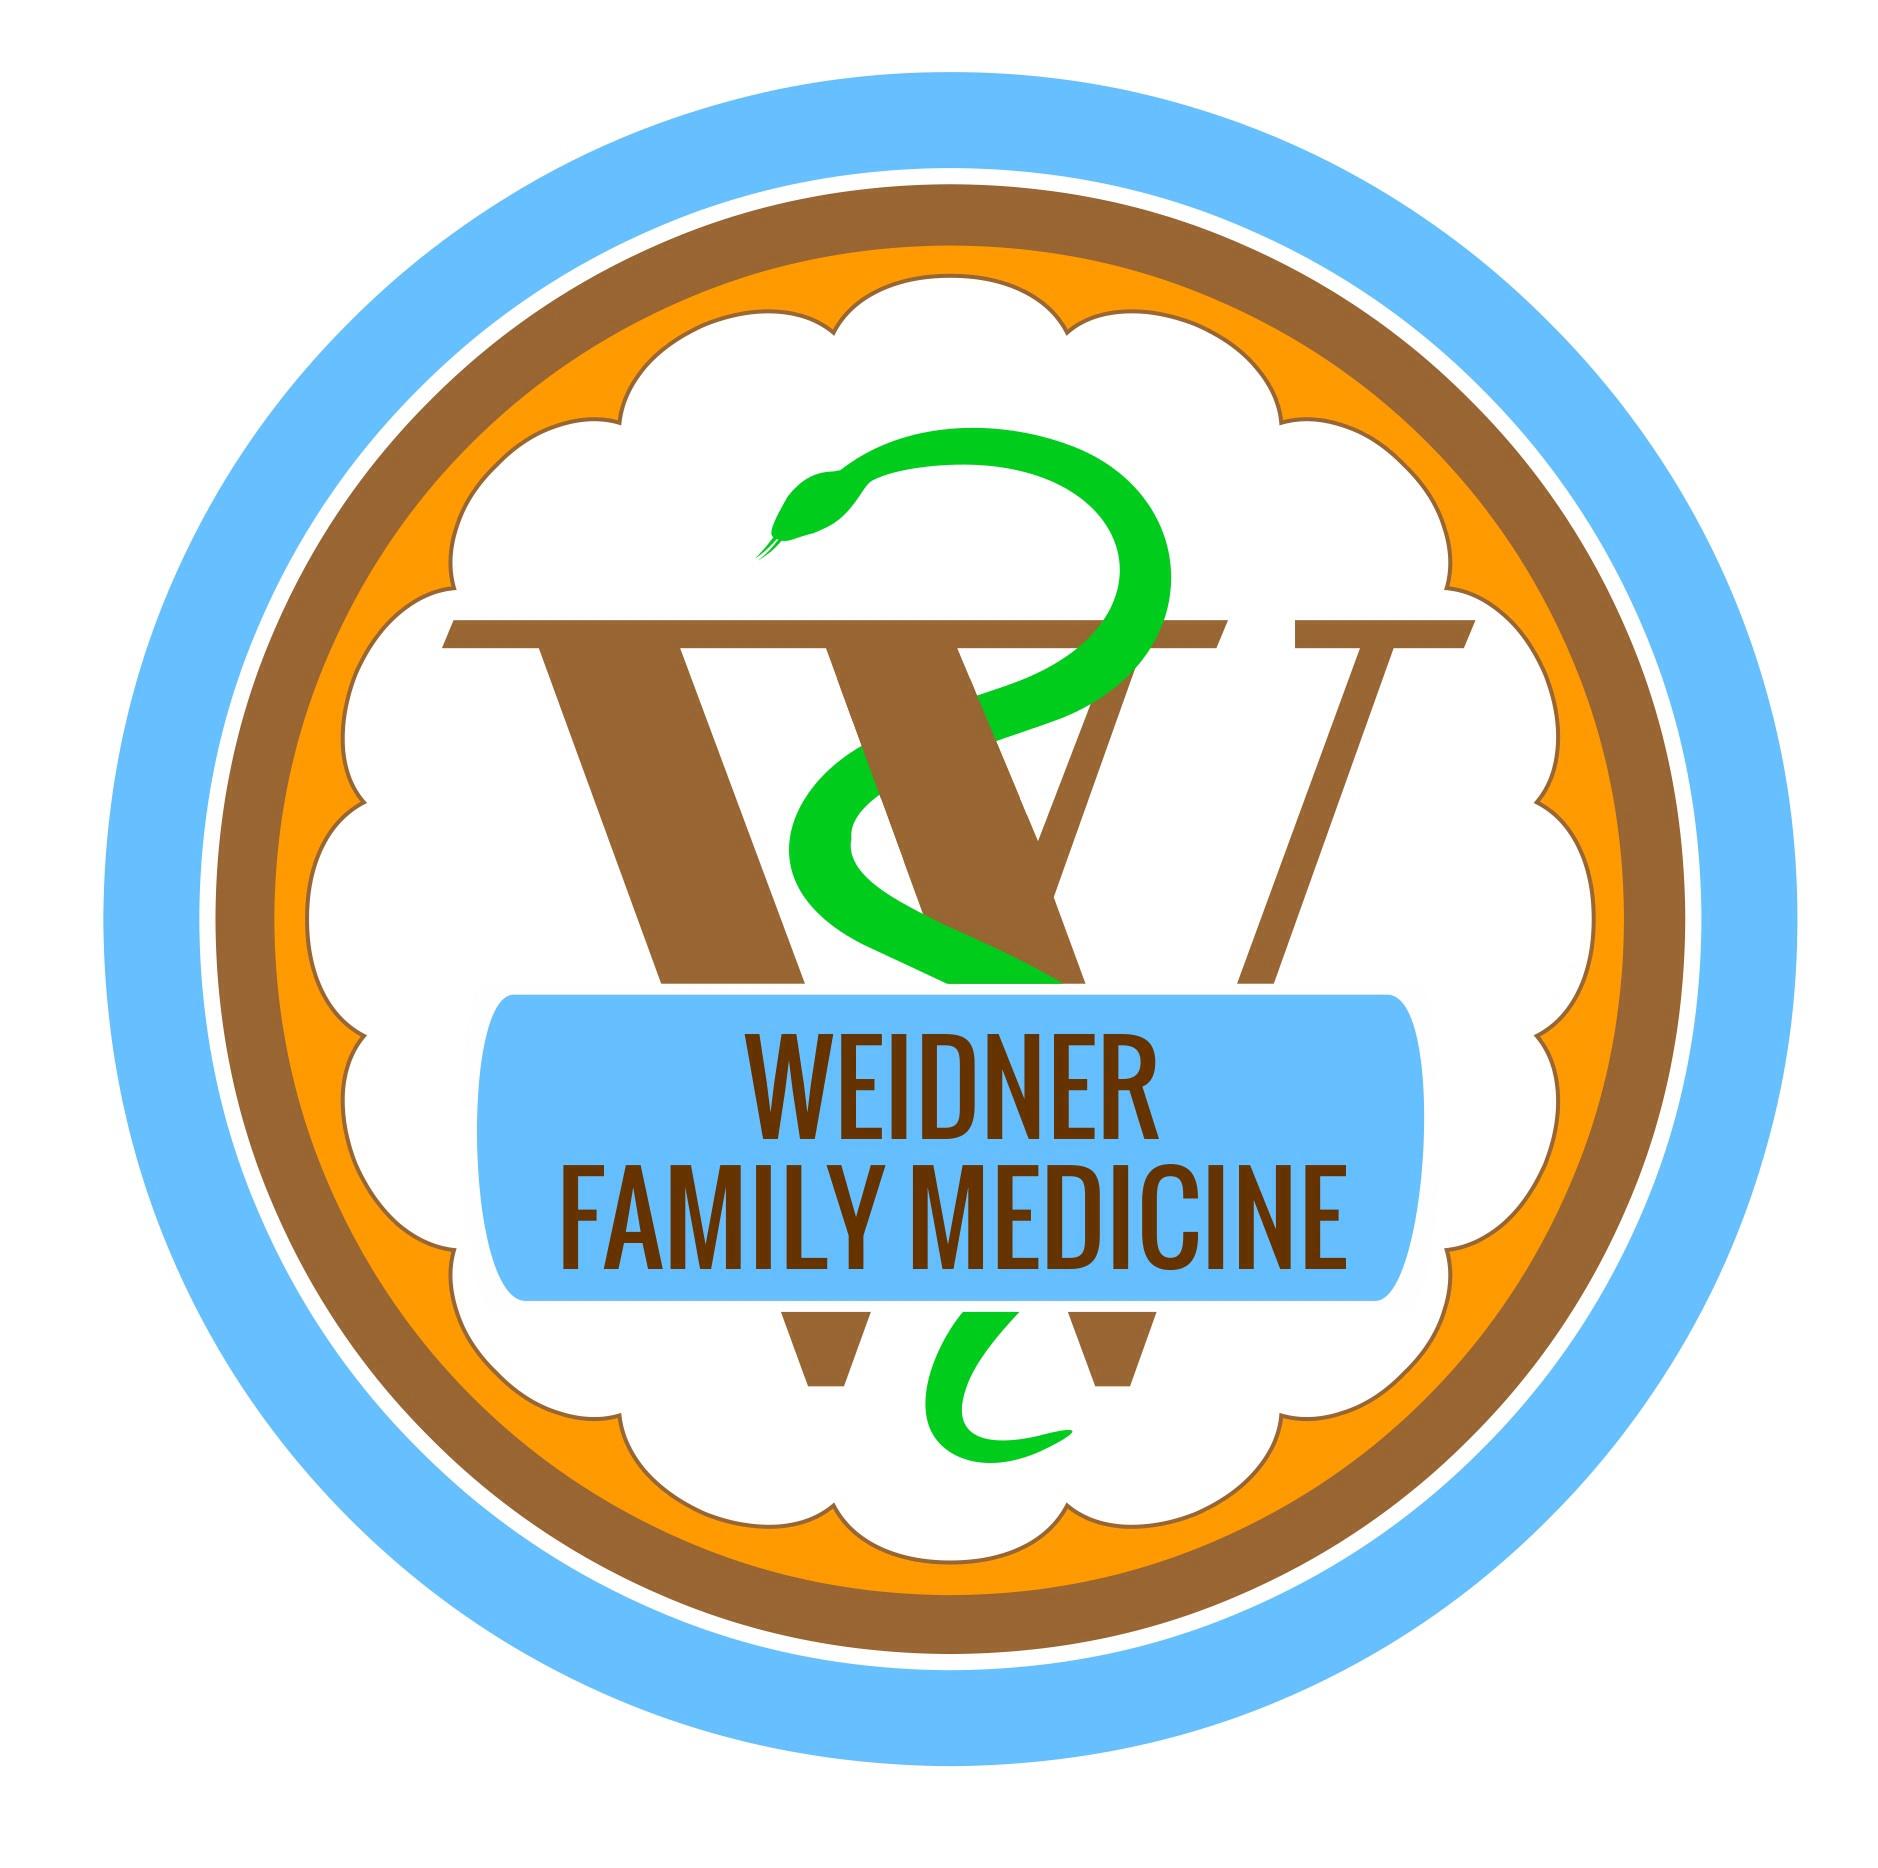 Weidner Family Medicine logo